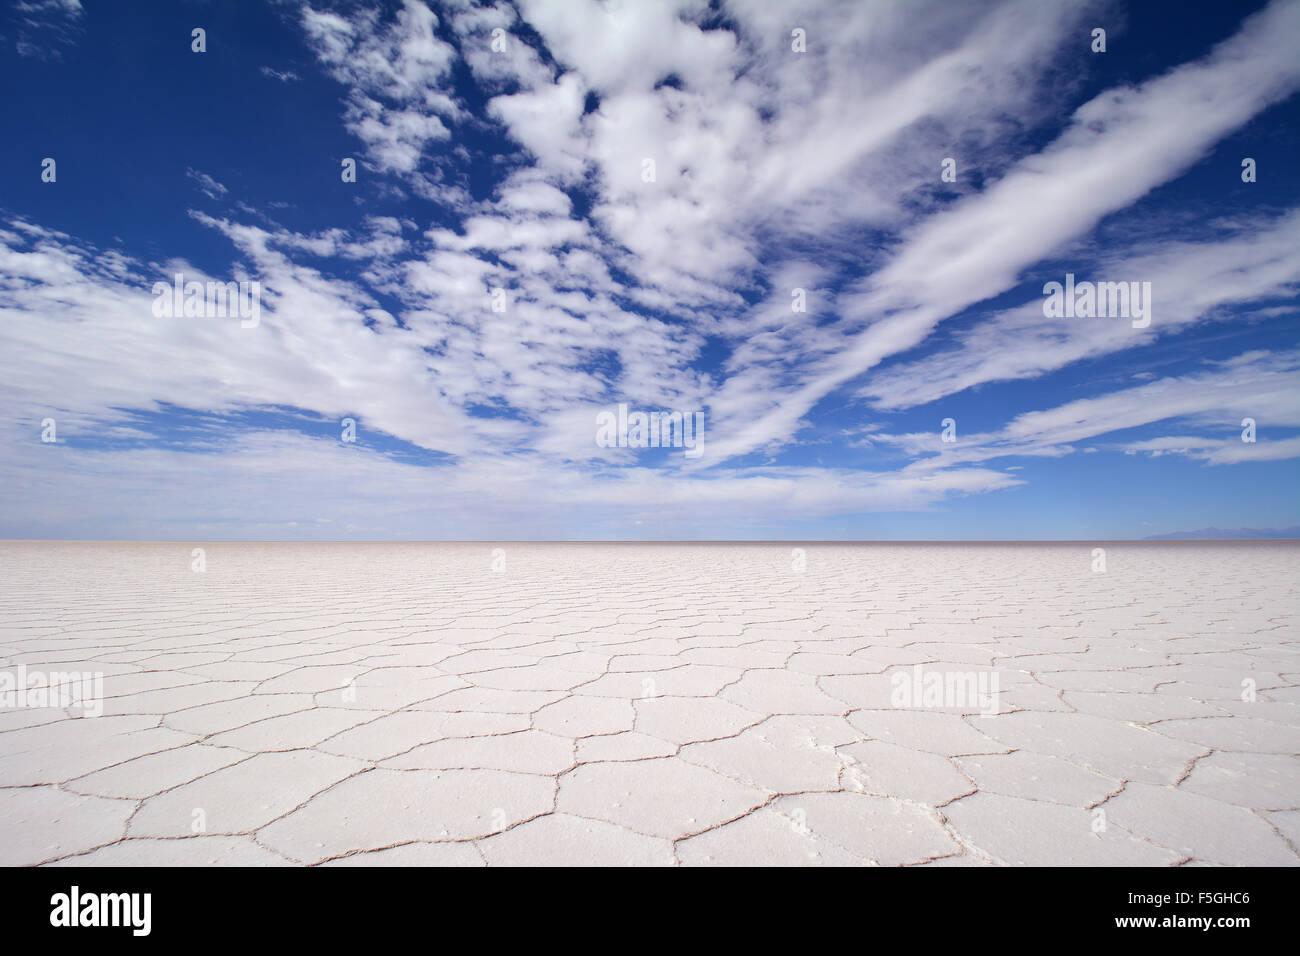 Estructura en nido de abeja en el salar de Uyuni, Salar, nubes, altiplano, lipez, bolivia Imagen De Stock